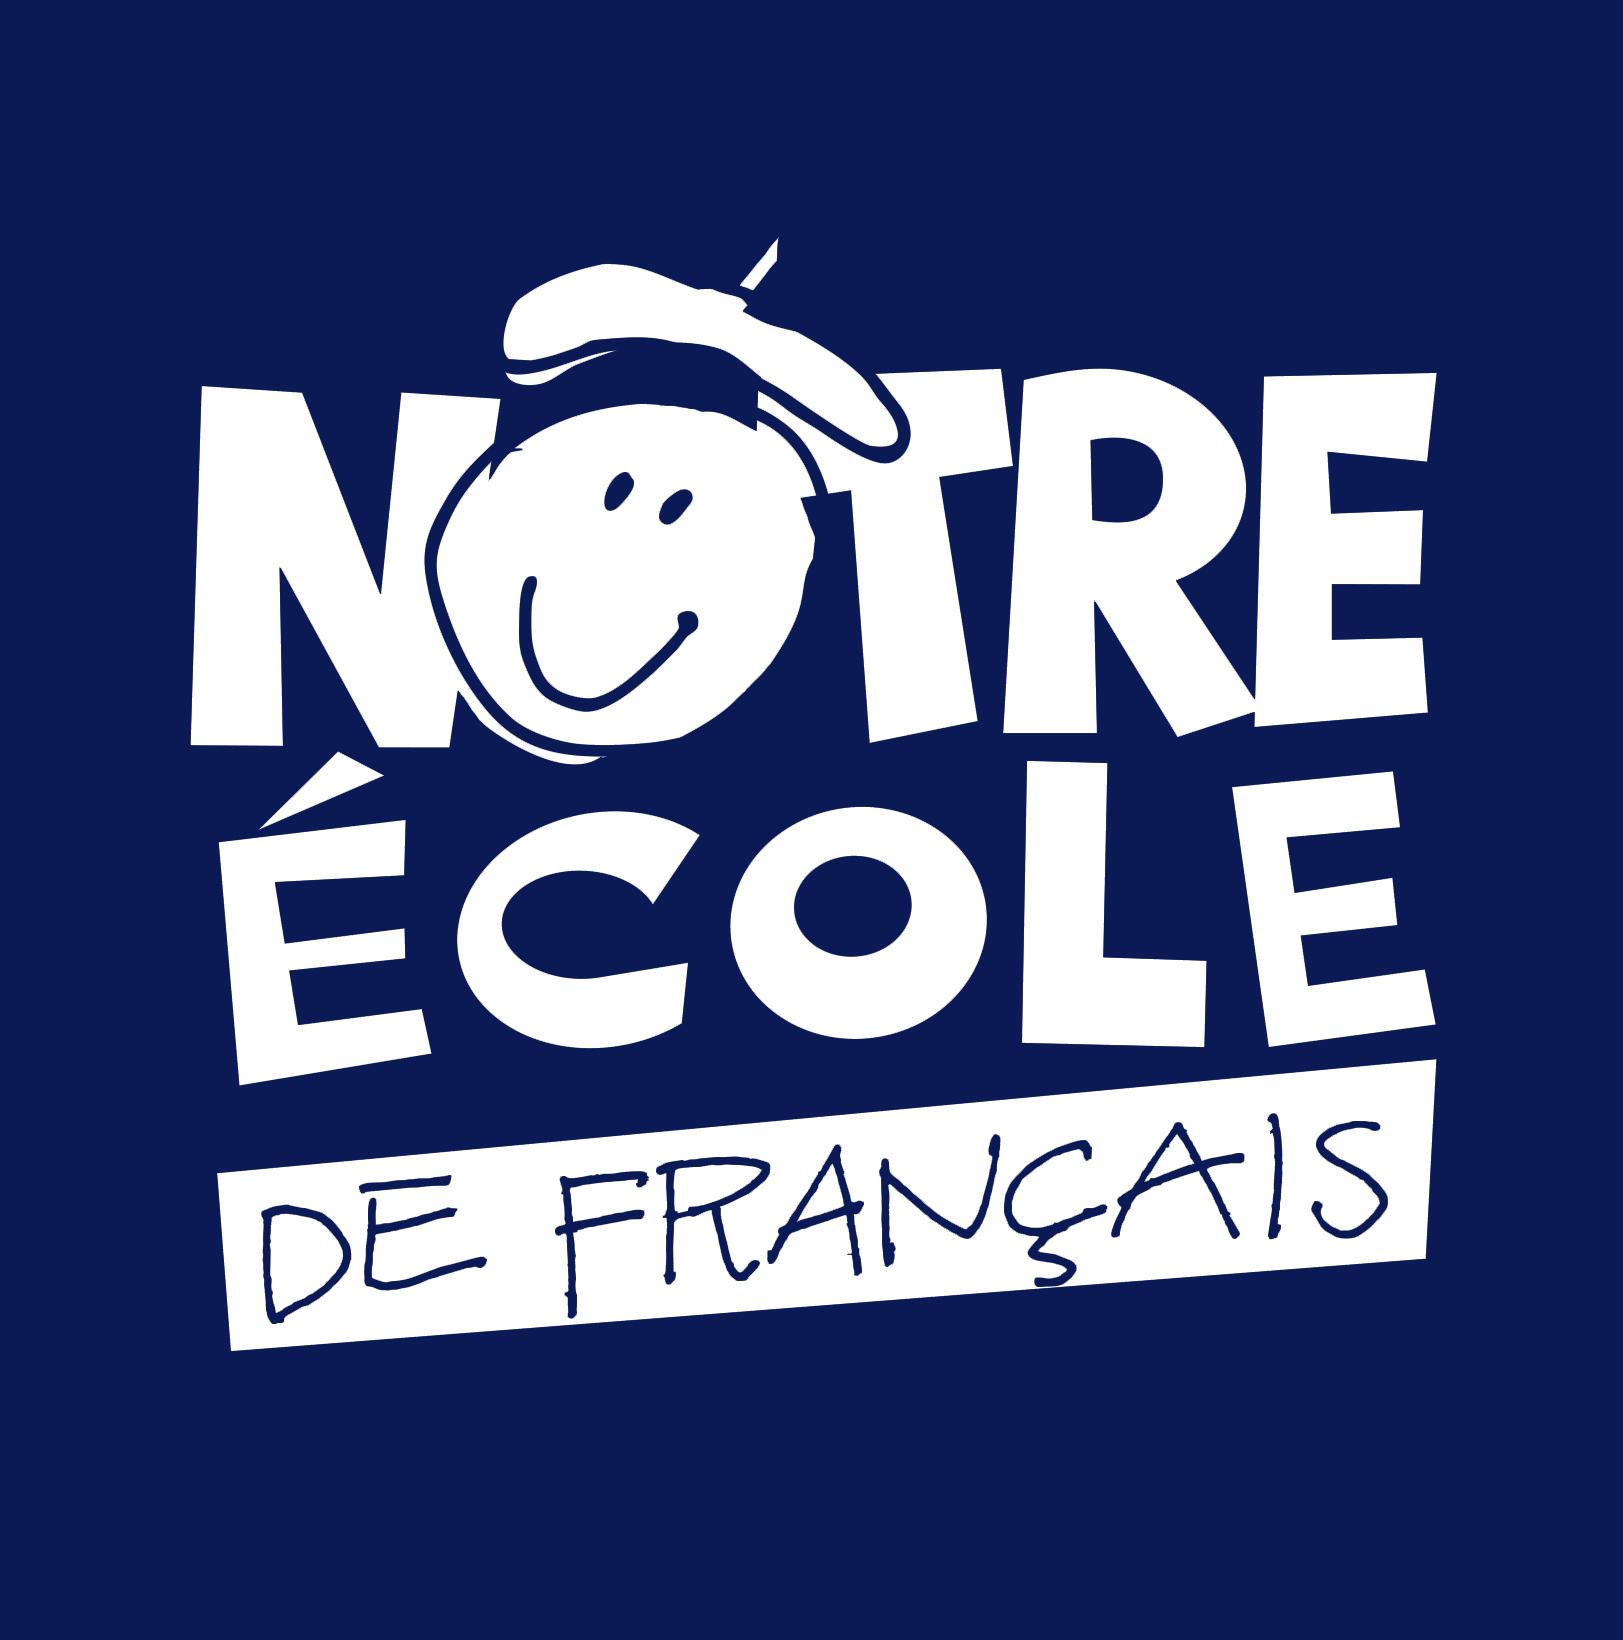 Logo Notre ecole de francais